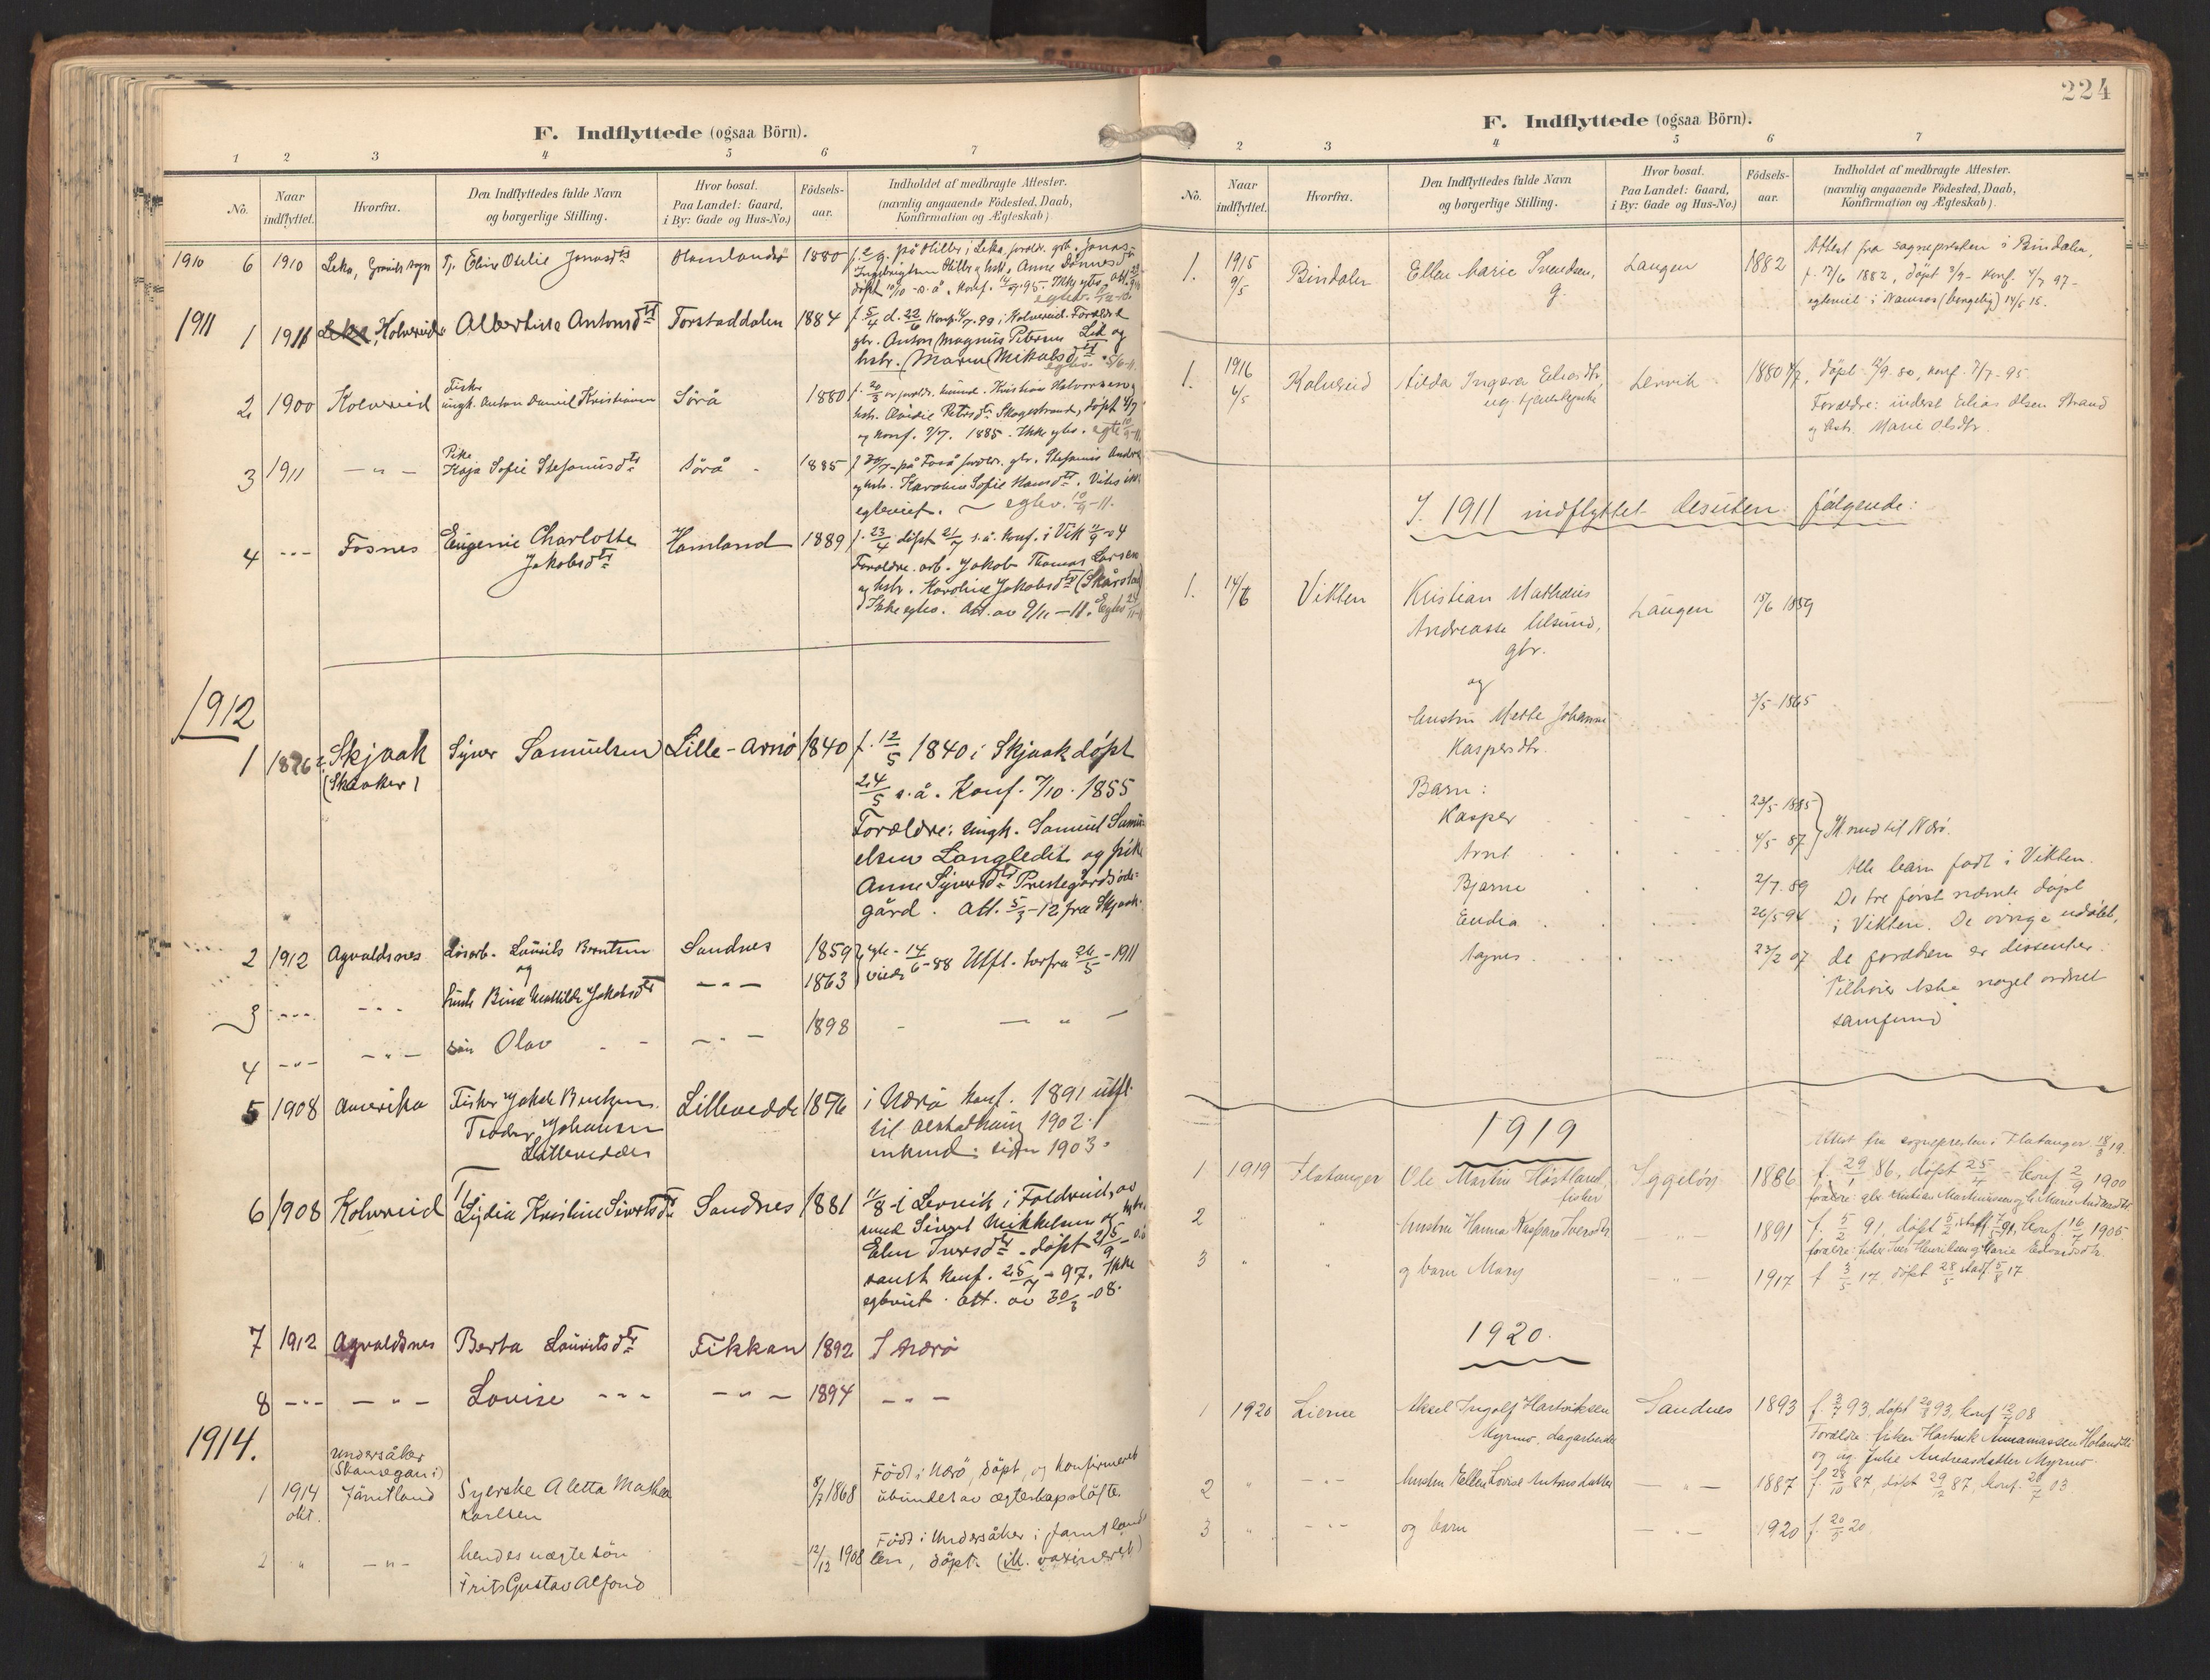 SAT, Ministerialprotokoller, klokkerbøker og fødselsregistre - Nord-Trøndelag, 784/L0677: Ministerialbok nr. 784A12, 1900-1920, s. 224